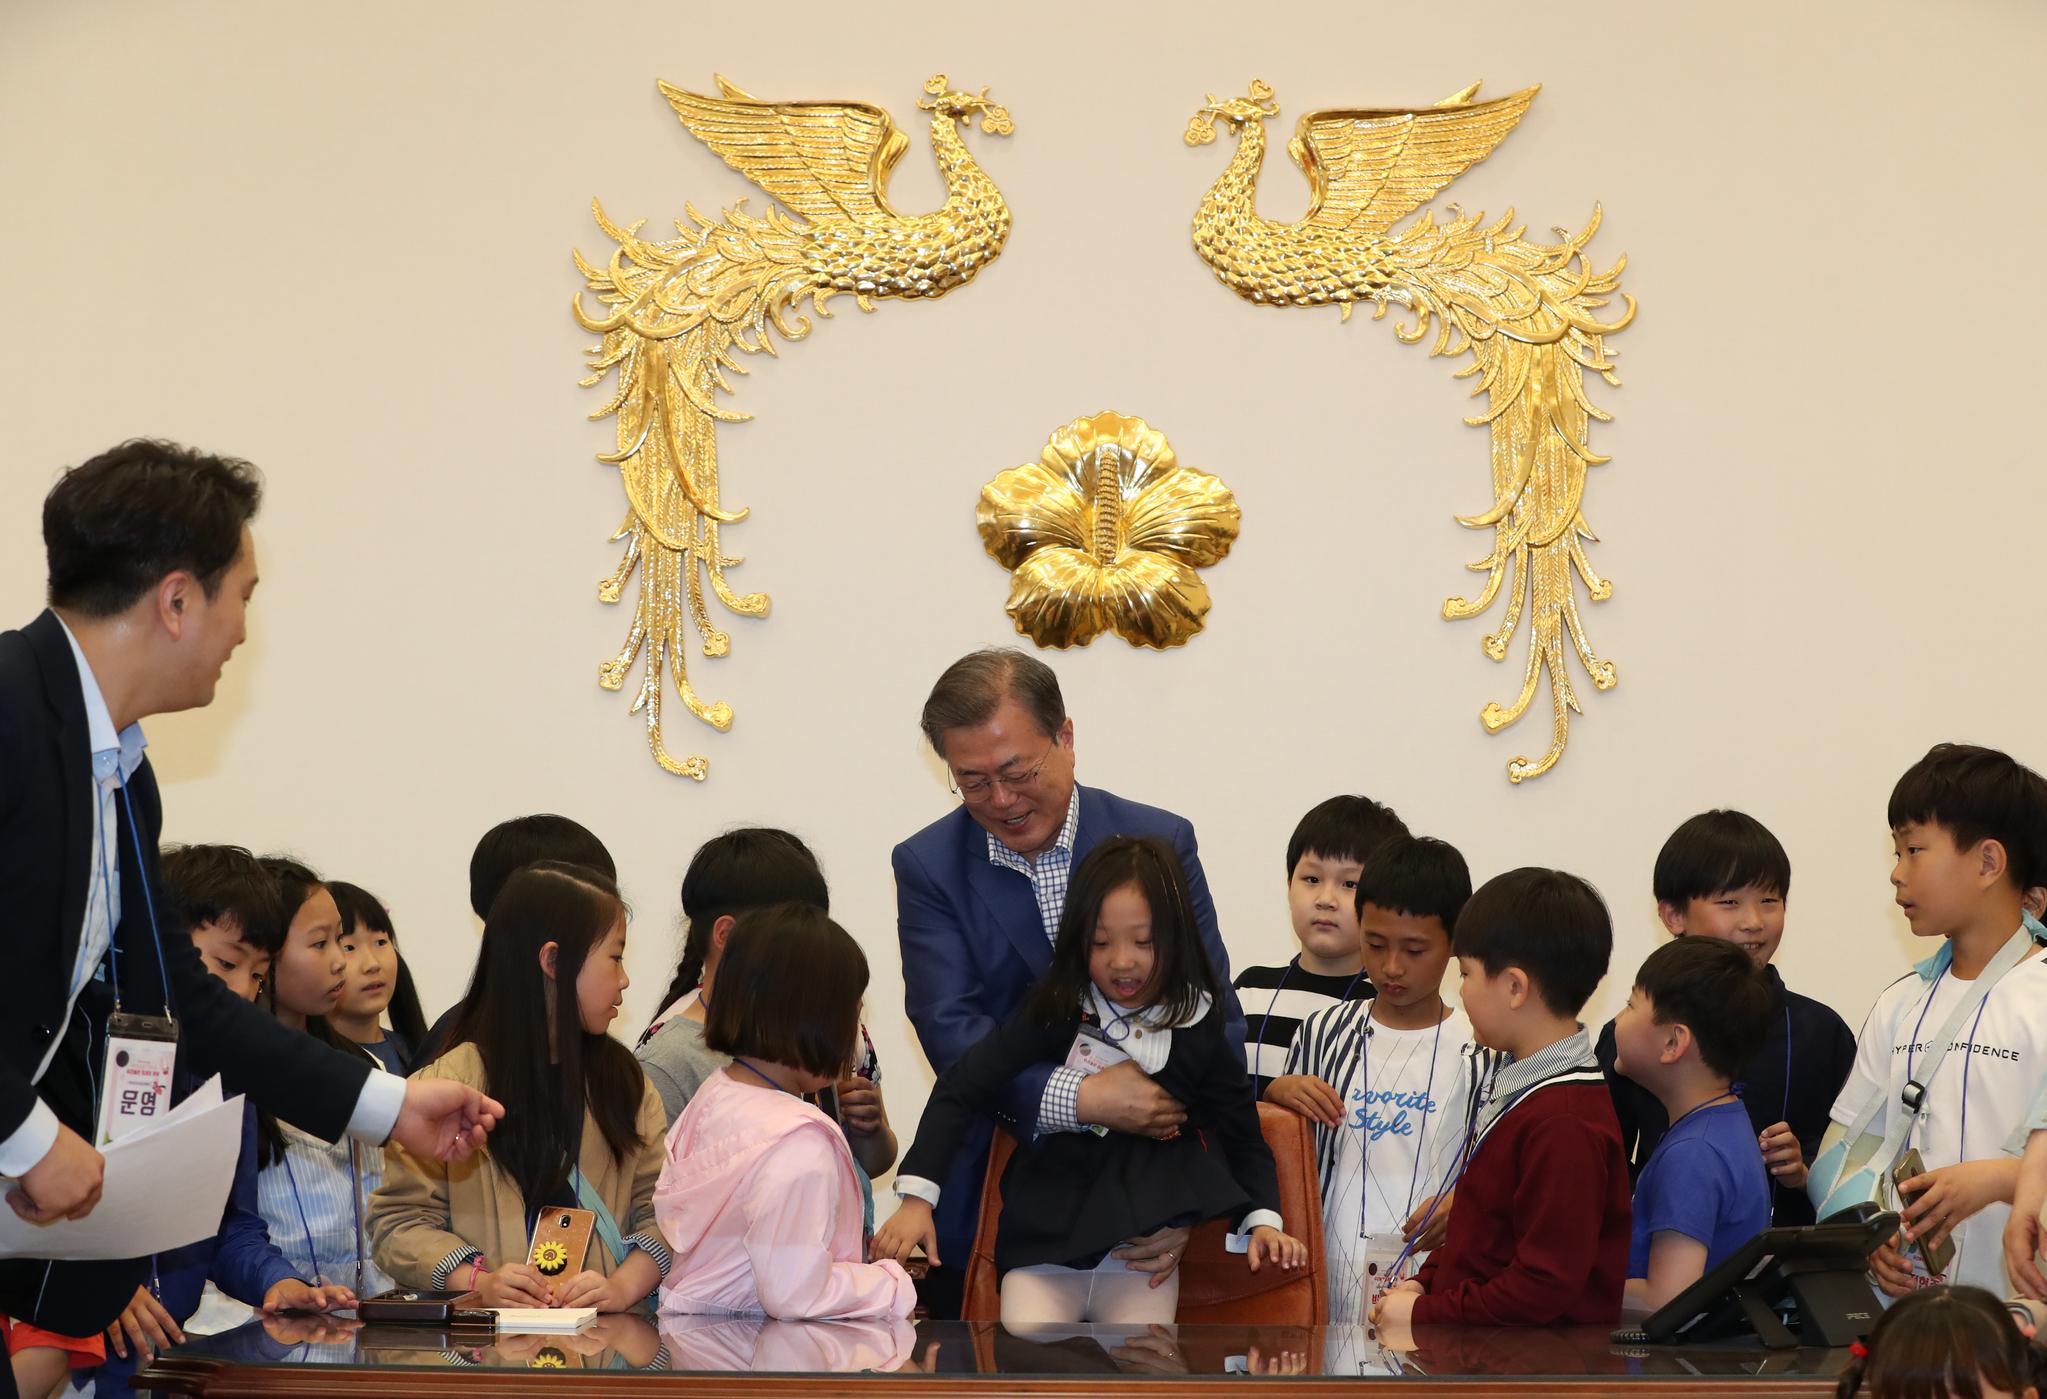 문재인 대통령이 5일 본관 집무실에서 한 어린이를 '대통령 의자'에 앉히고 있다. 청와대사진기자단